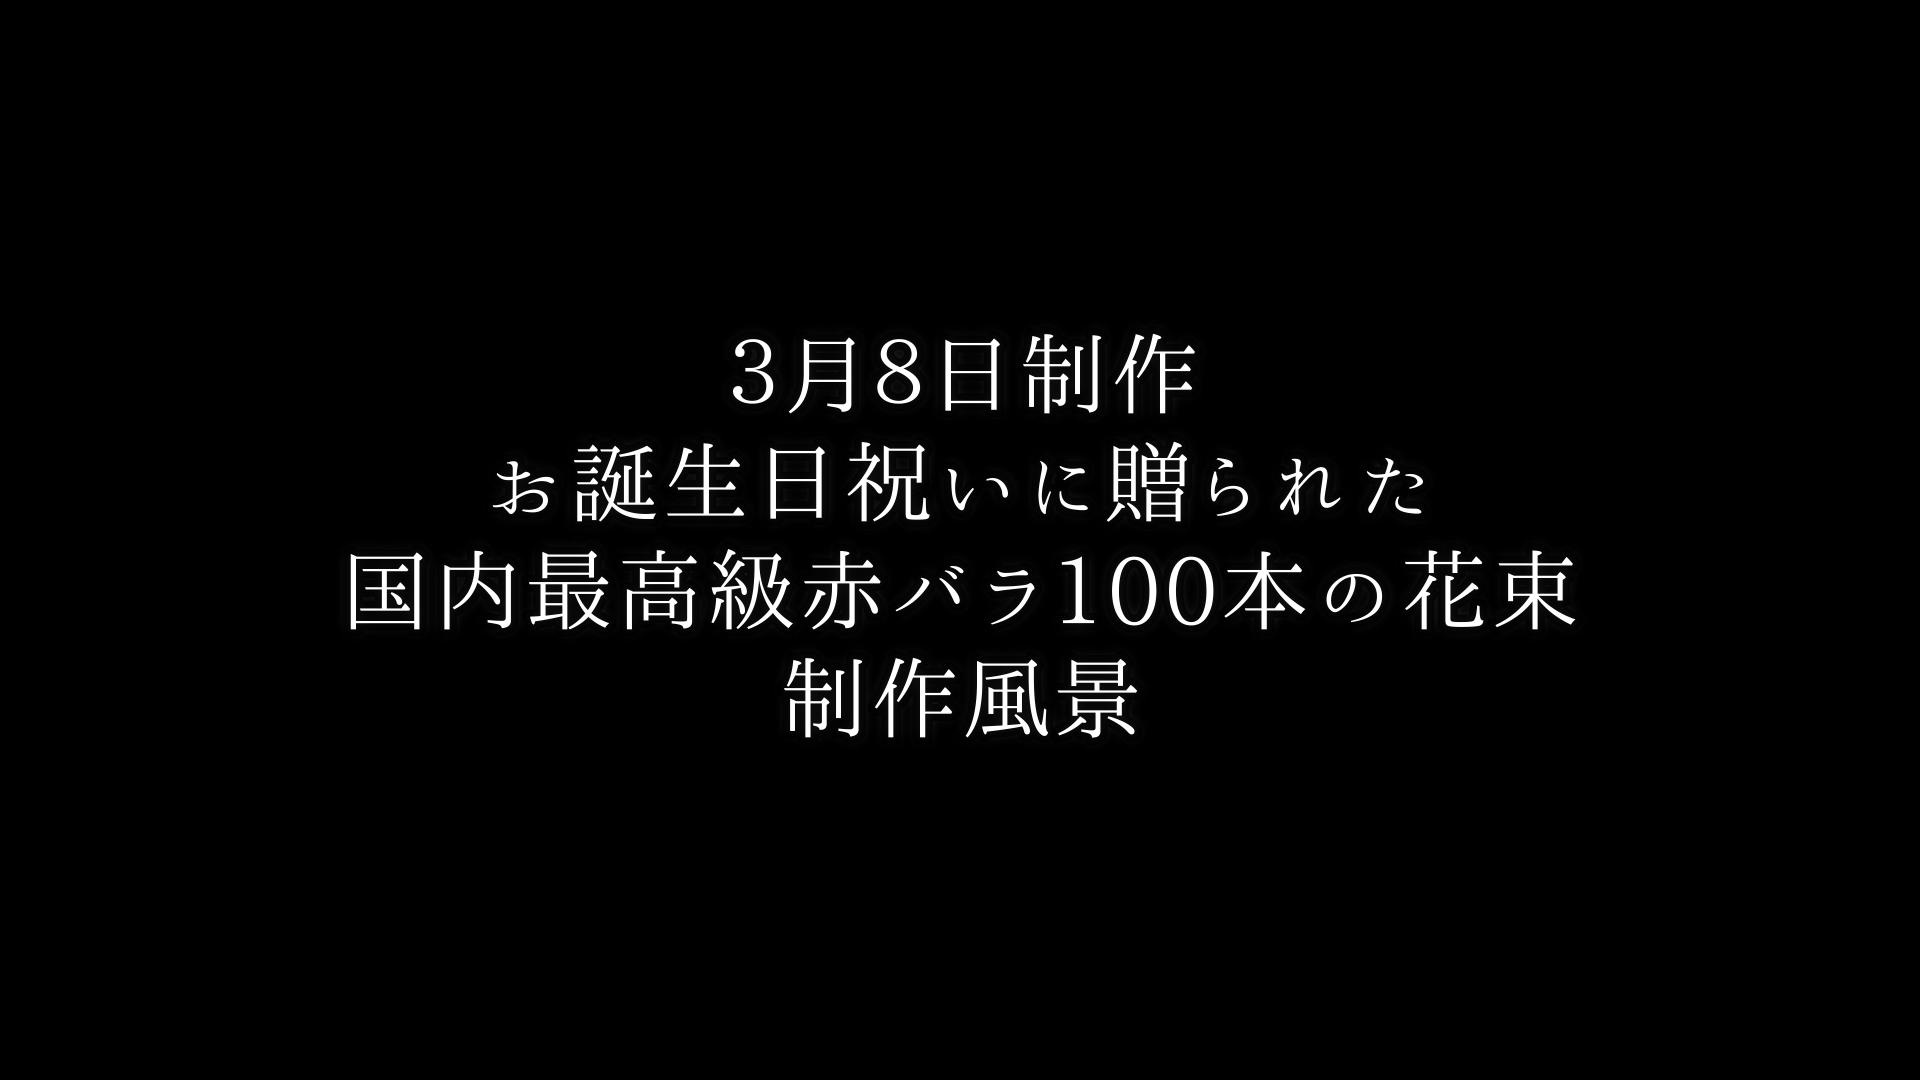 【お誕生日祝いに贈る】バラ100本の花束制作動画 2021/03/08撮影